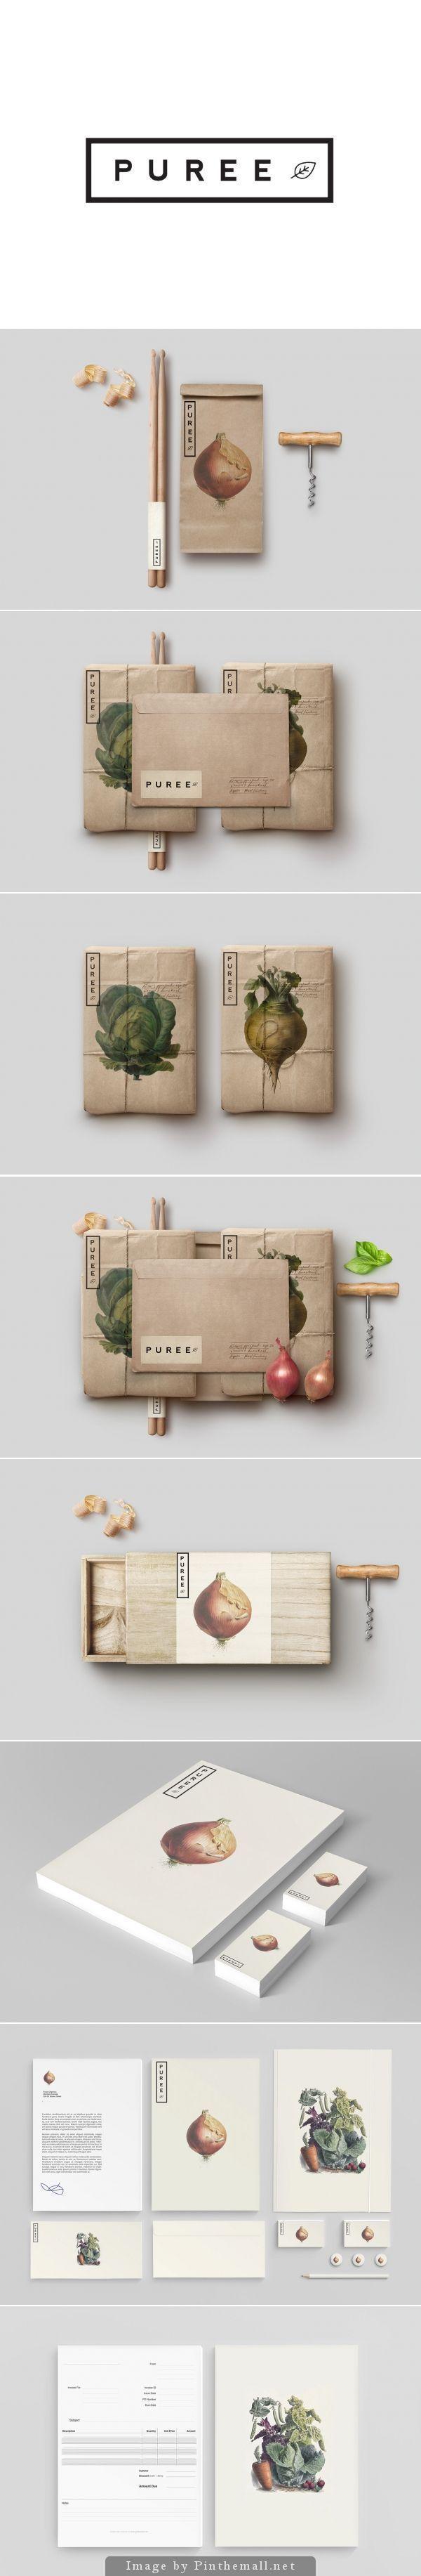 Inspiration graphique #5 : 25 packagings originaux et innovants à découvrir | BlogDuWebdesign